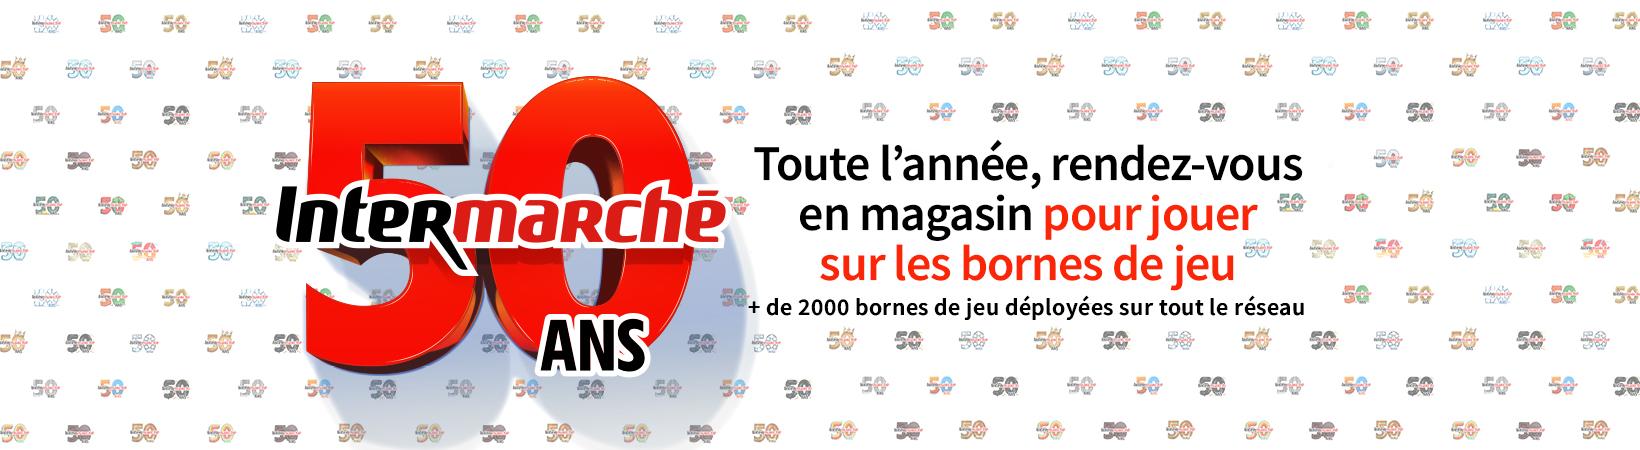 Opération 50 ans Intermarché